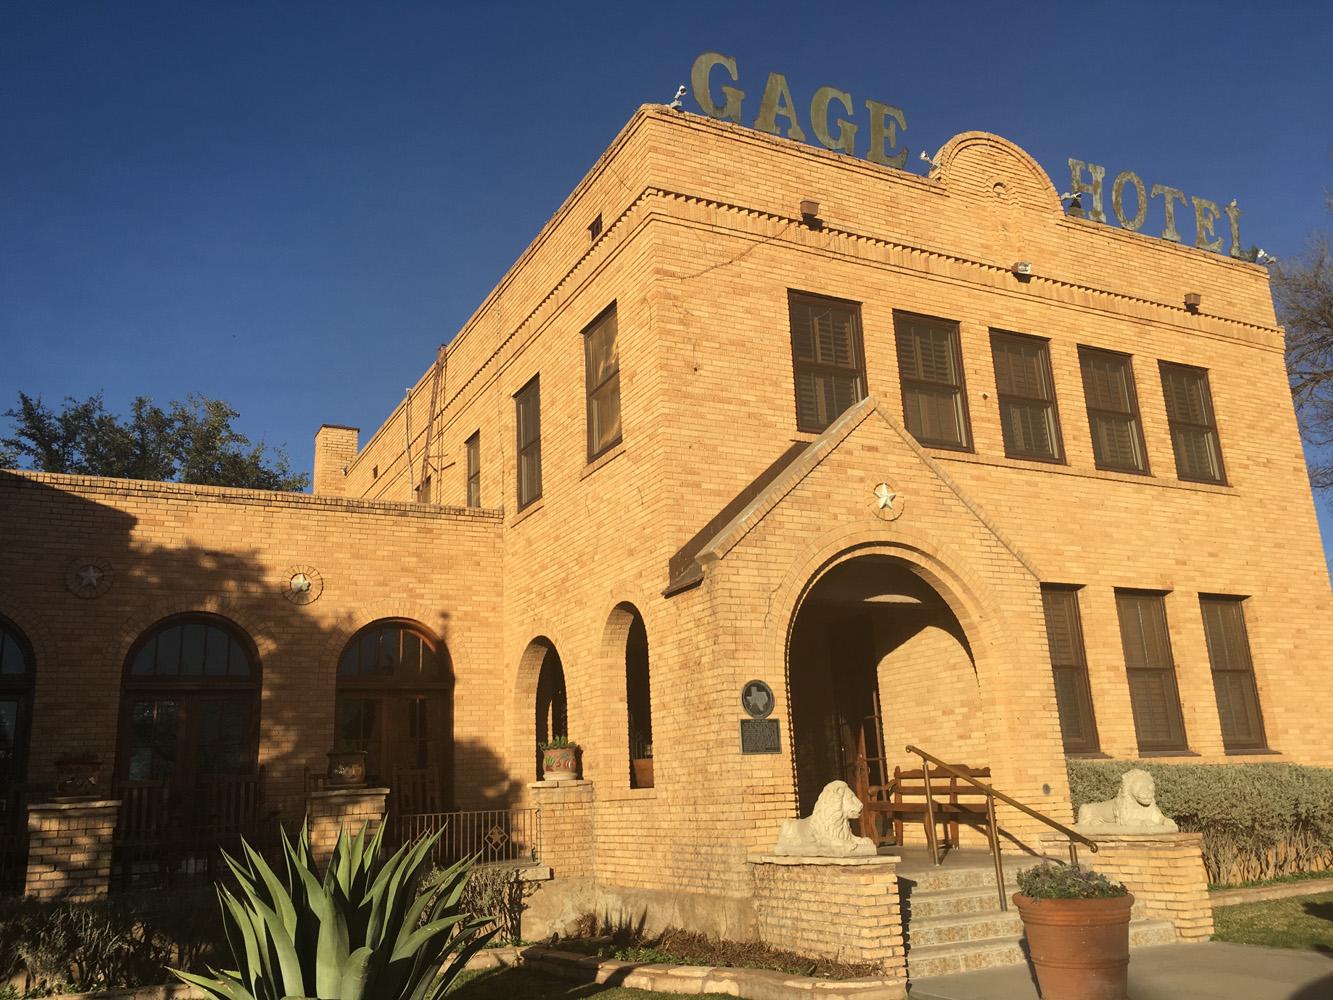 Gage Hotel Marfa Tx